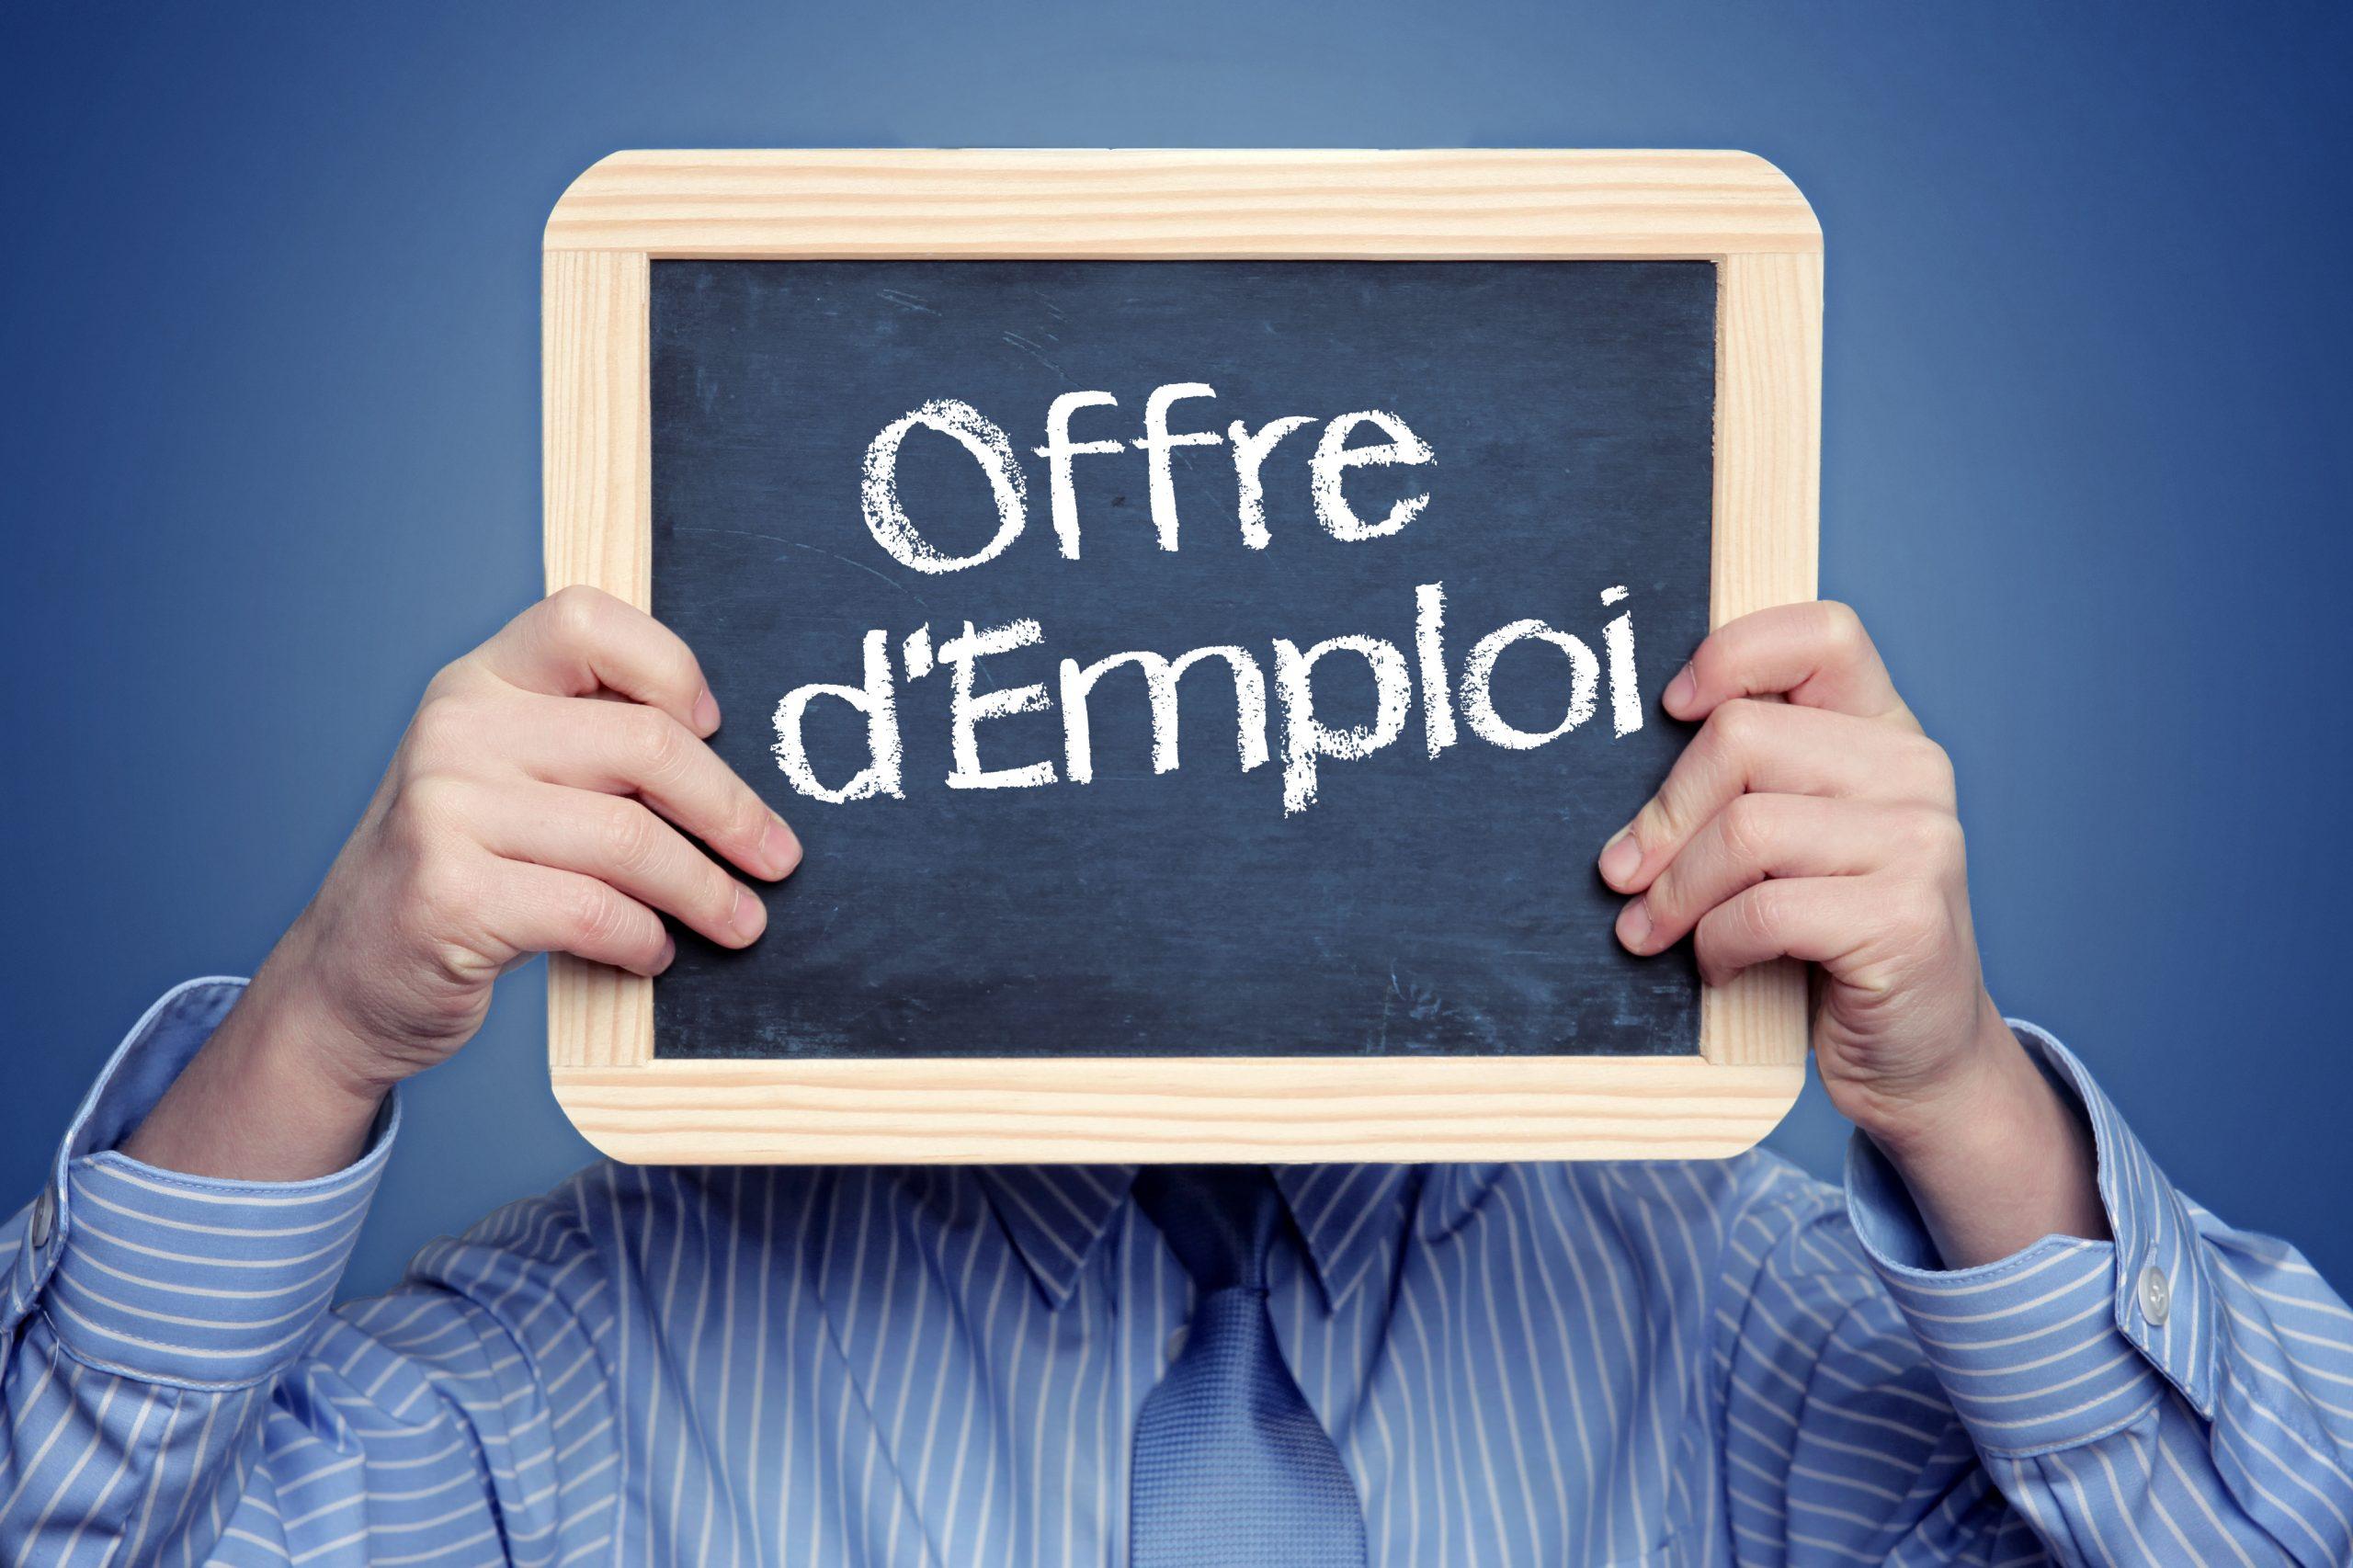 [Offre d'emploi] Le diocèse de Saint Etienne (42), recherche: un(e) responsable de la paye et assistant(e) RH